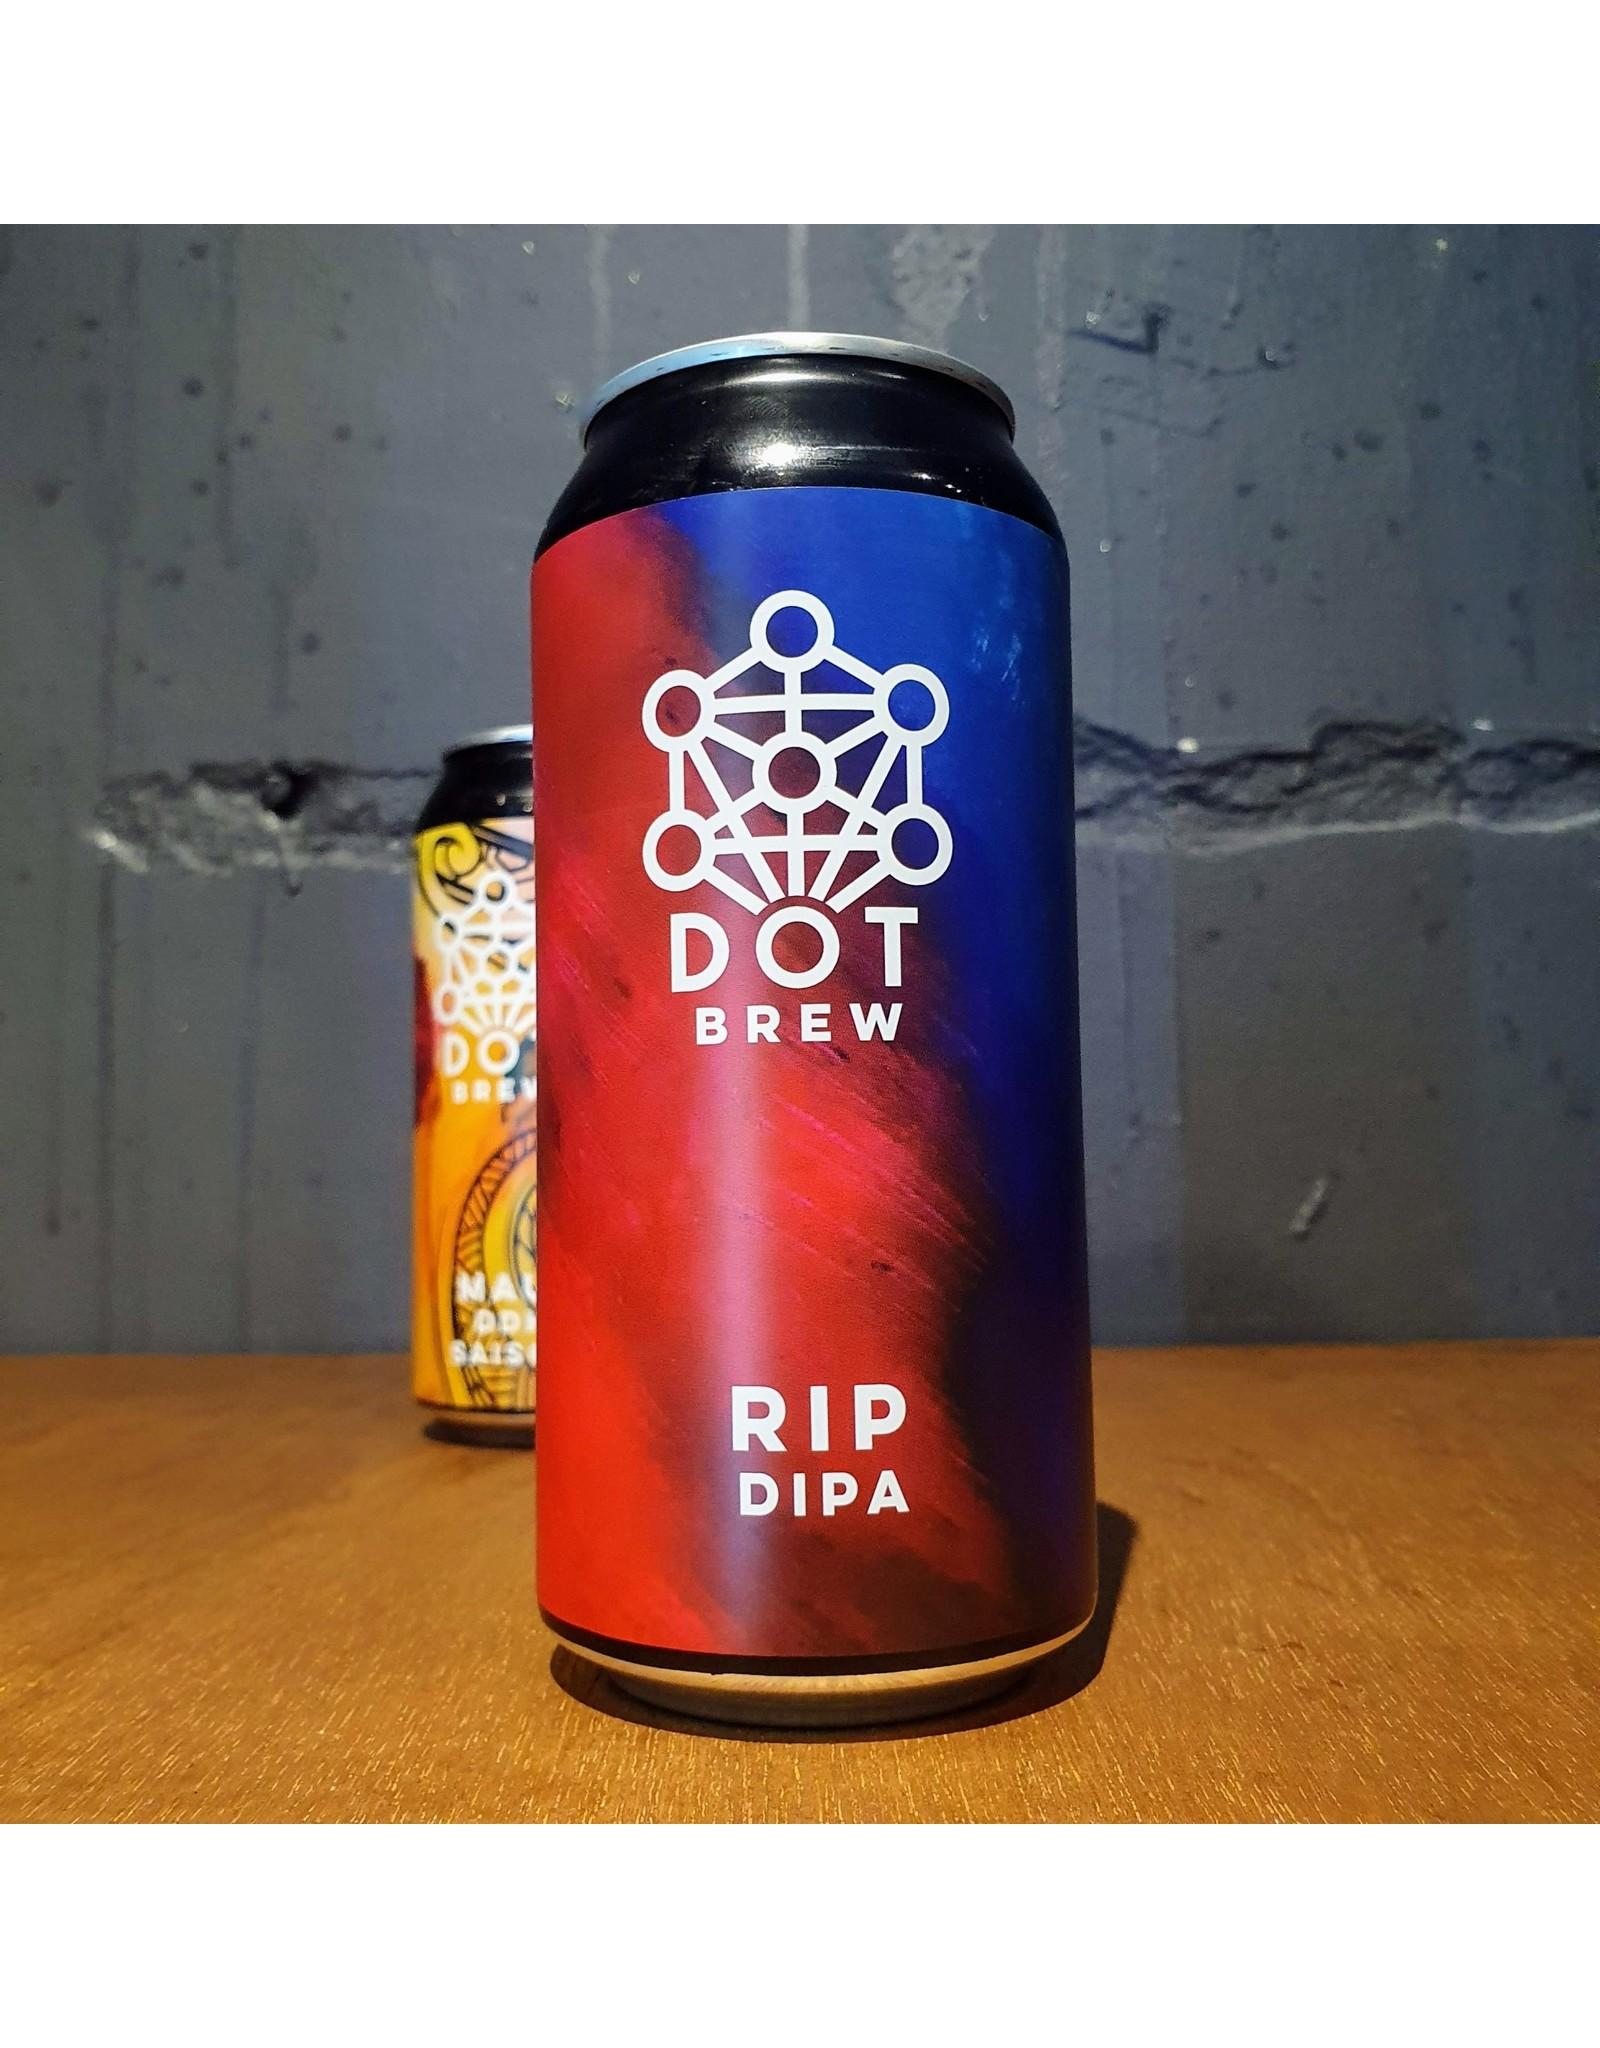 Dot Brew: RIP DDH DIPA